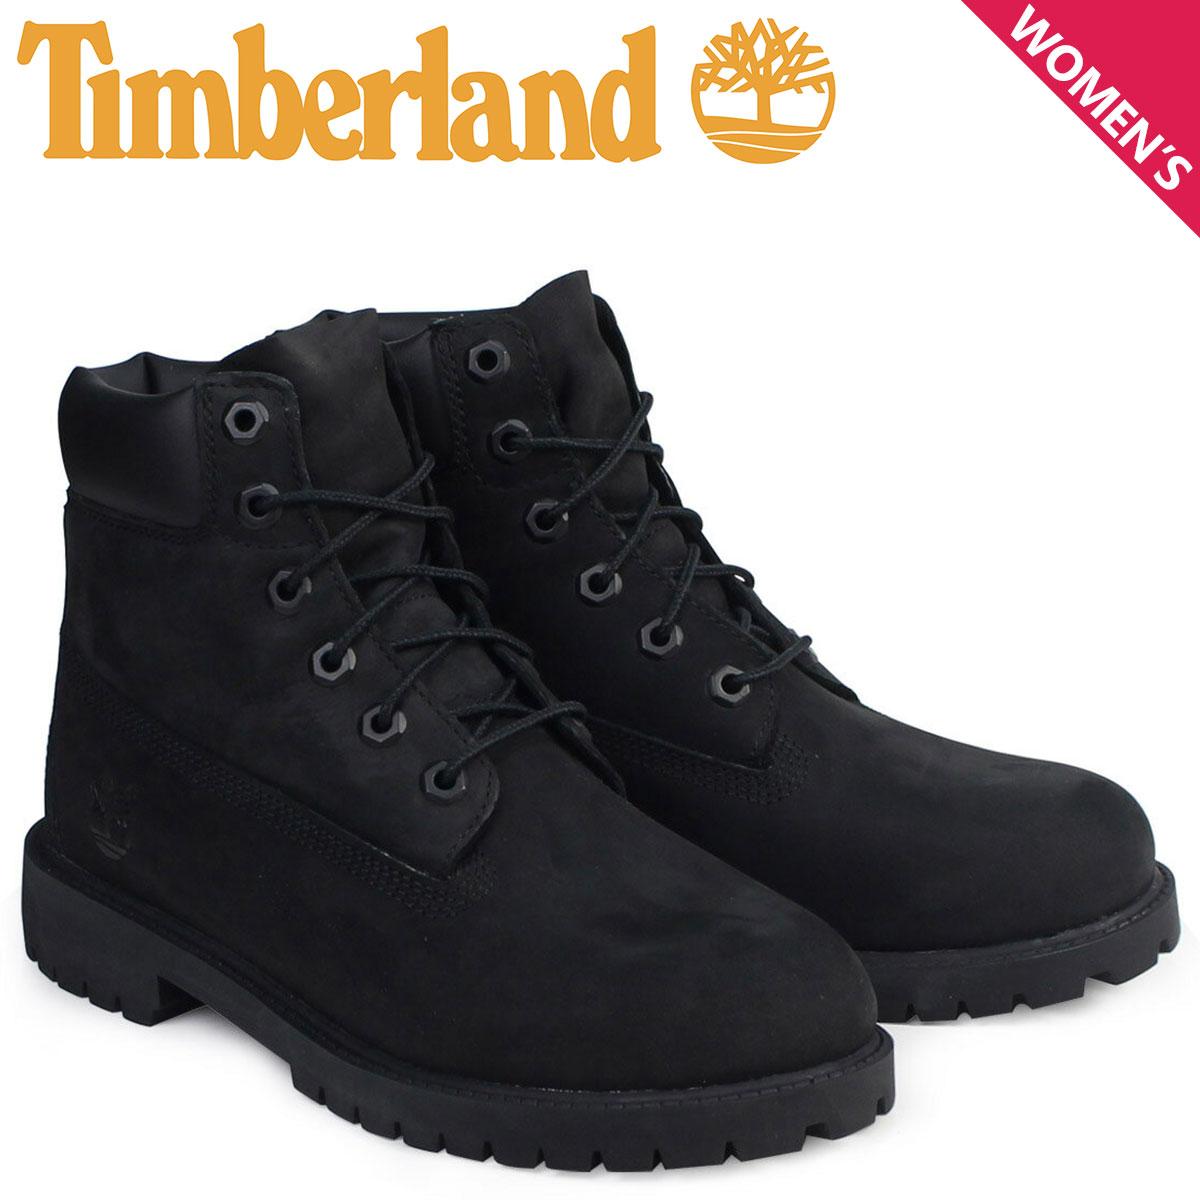 Timberland 6INCH WATERPROOF BOOTS レディース ブーツ 6インチ ティンバーランド プレミアム ウォータープルーフ 12907 ブラック [183]